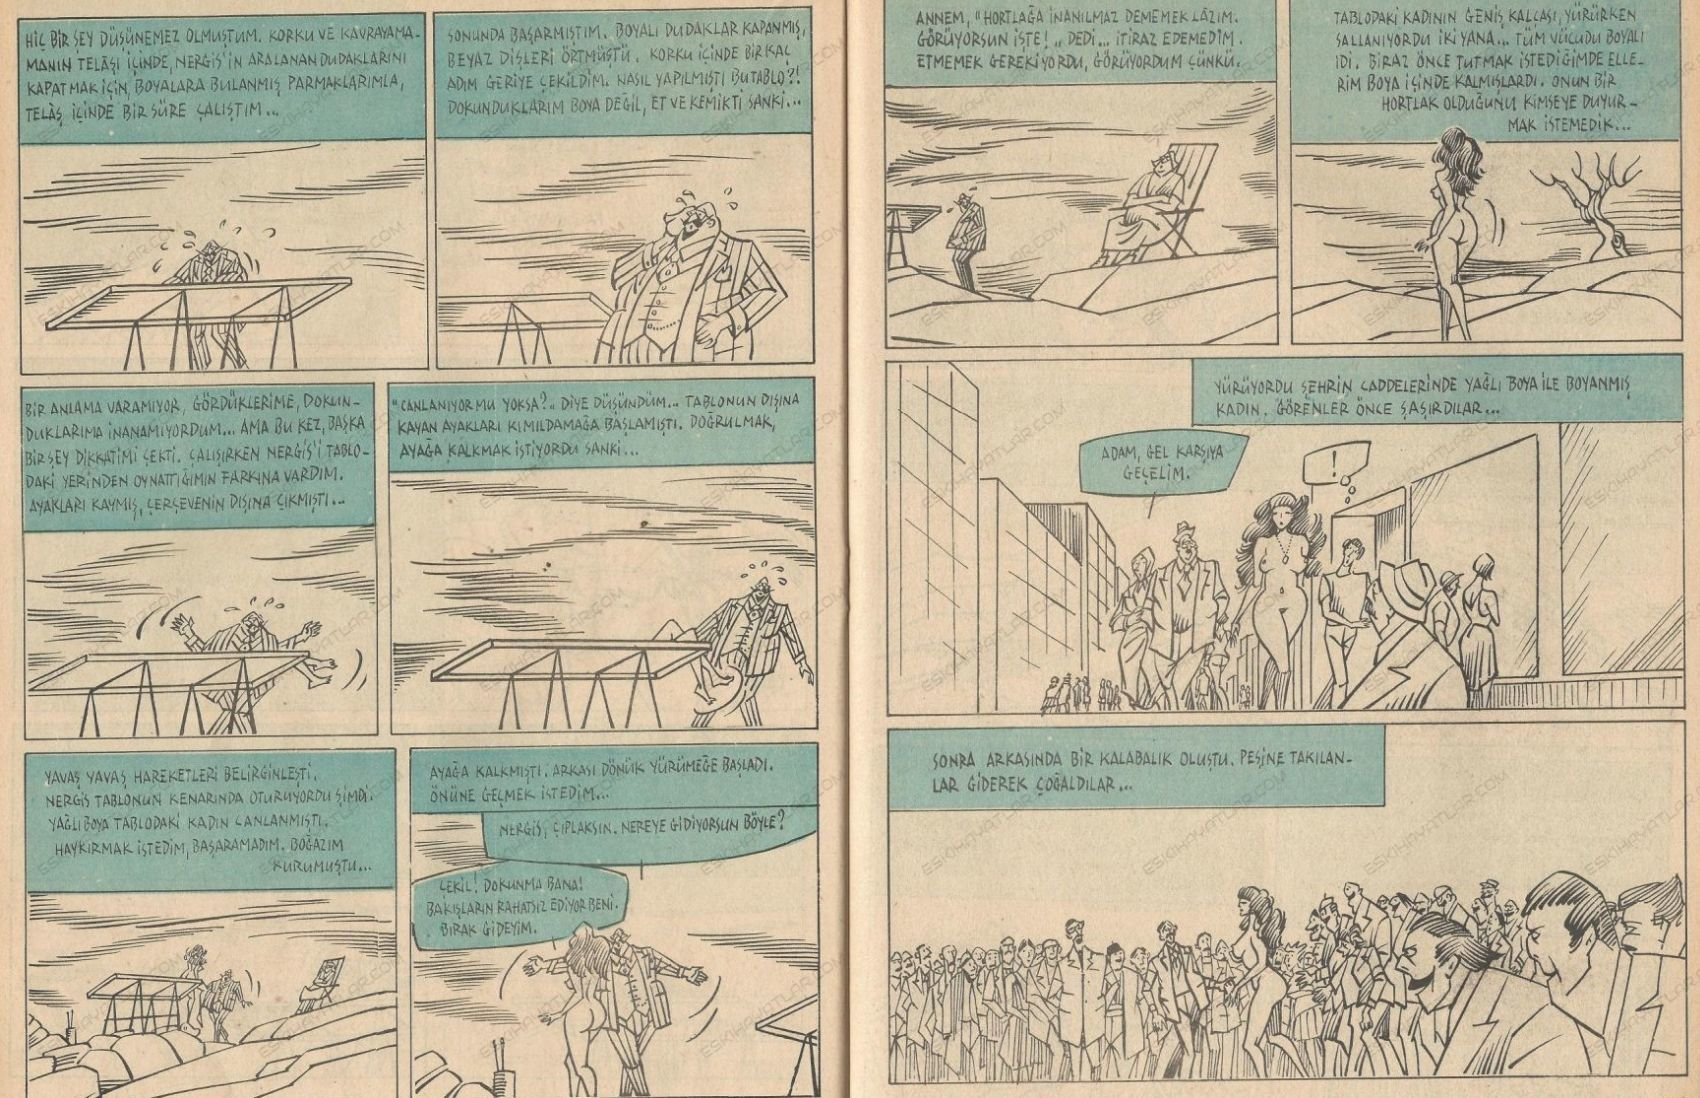 0177-abdulcanbaz-kadin-nedir-senin-adin-turhan-selcuk-milliyet-yayinlari (19)